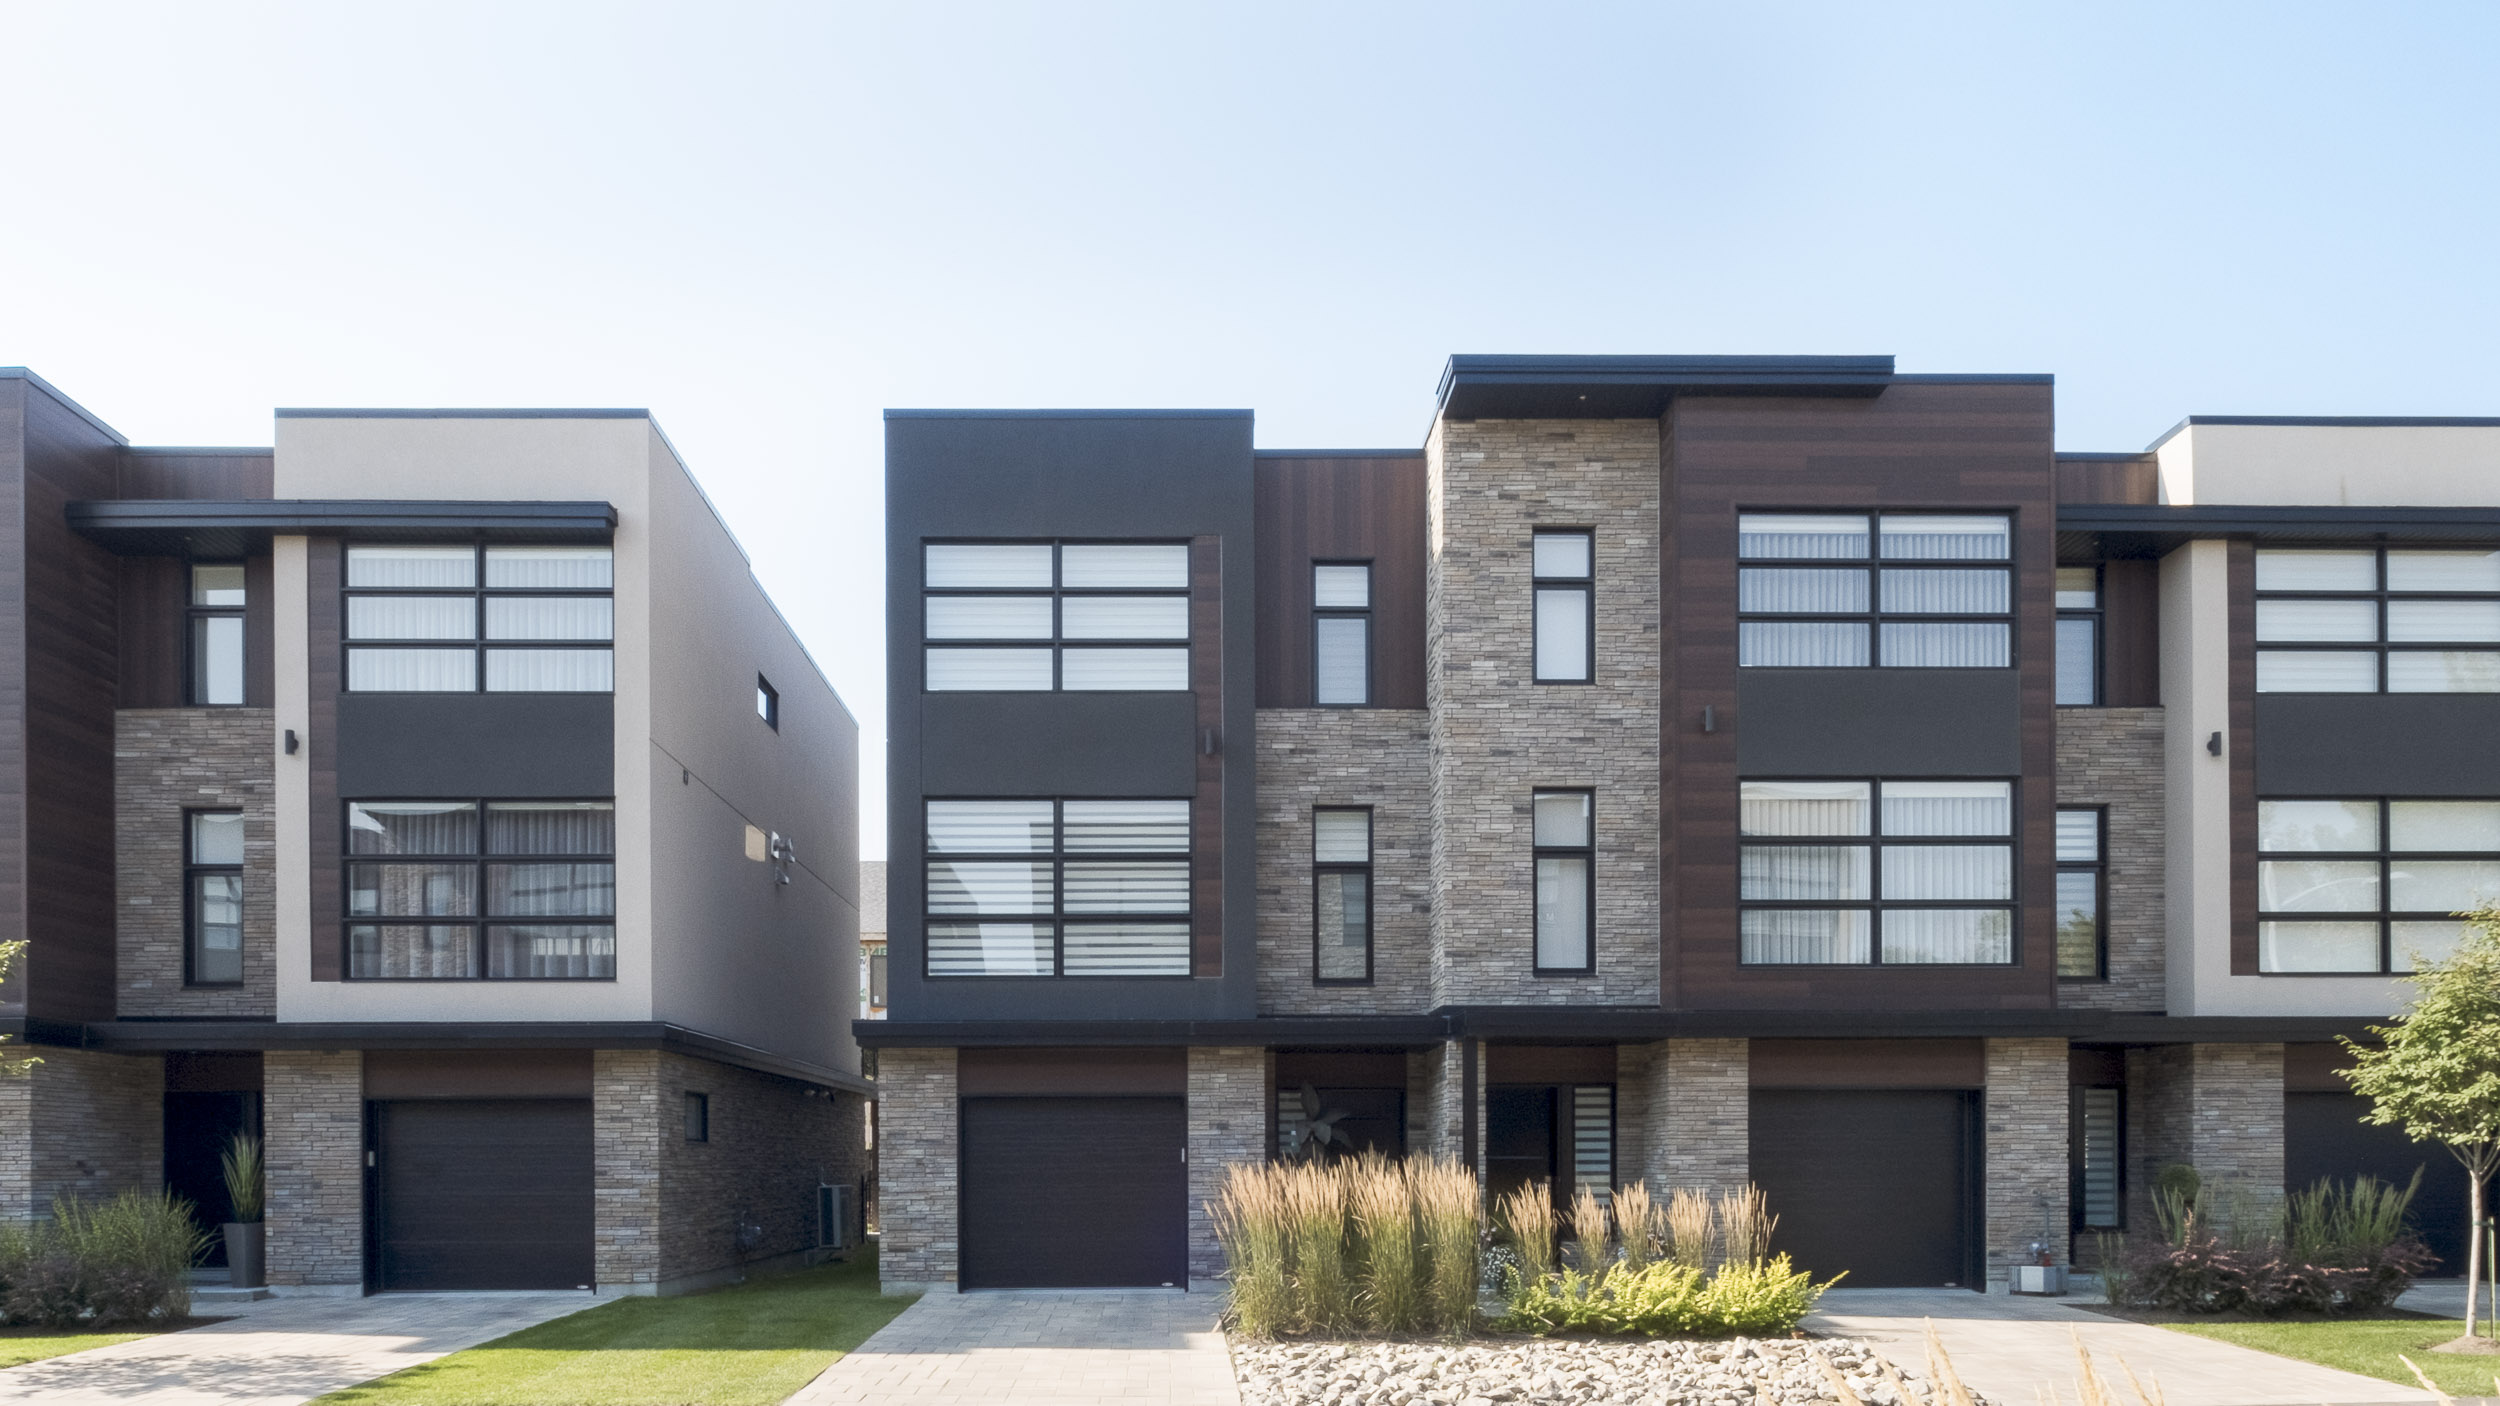 Josee_Marino_Phorographe_Architecture_Montreal-3.jpg